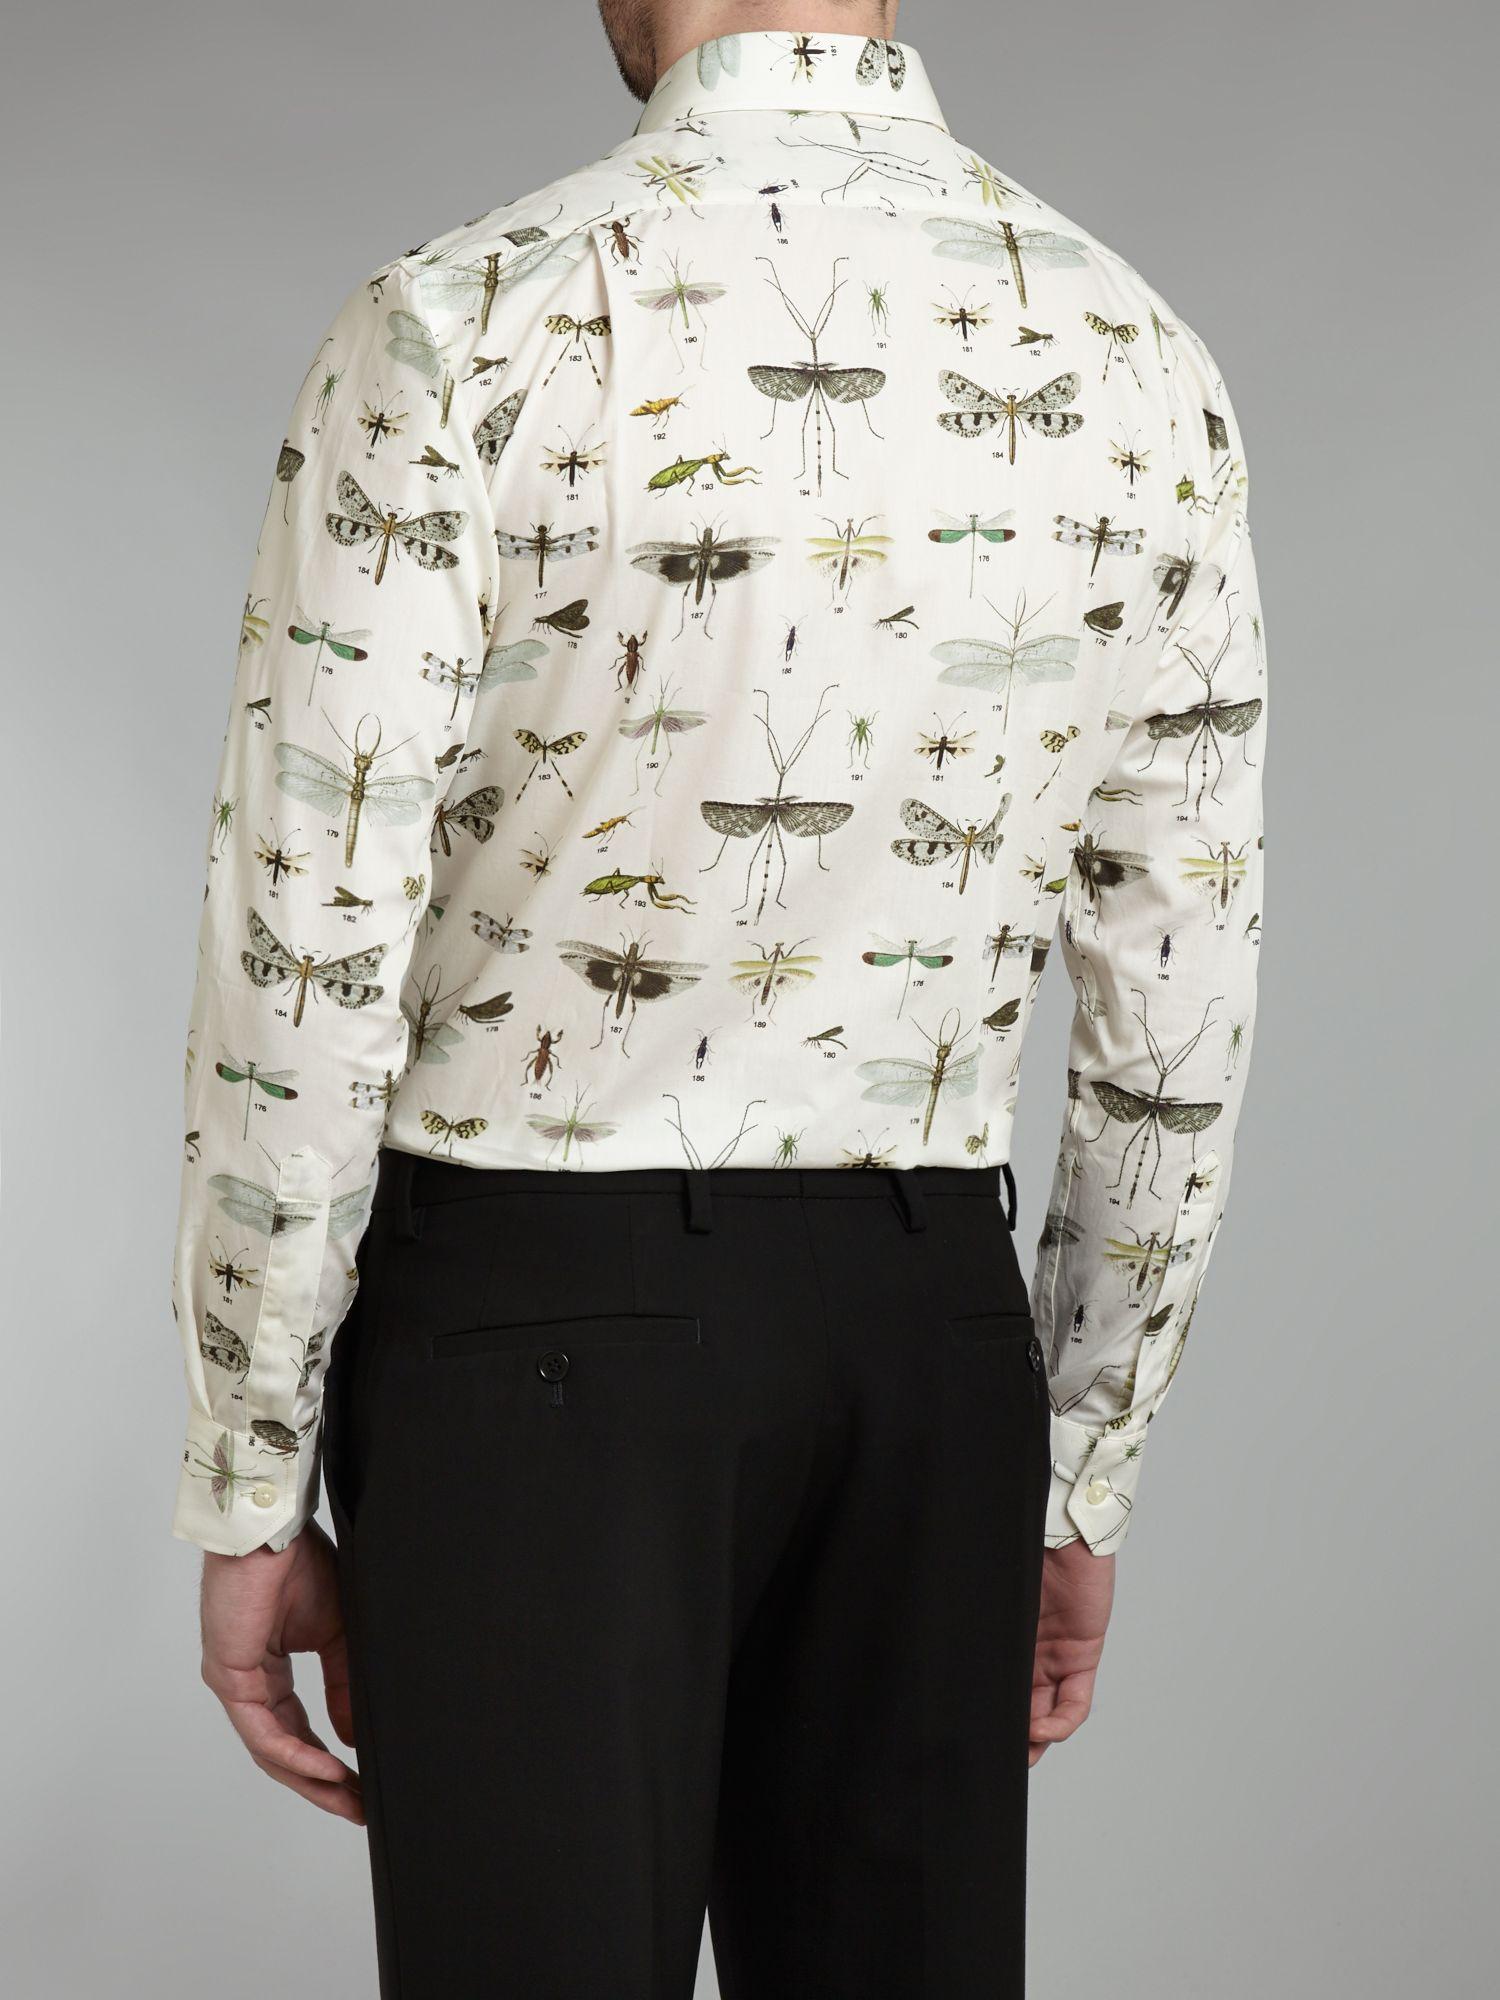 Givenchy Shirts Men